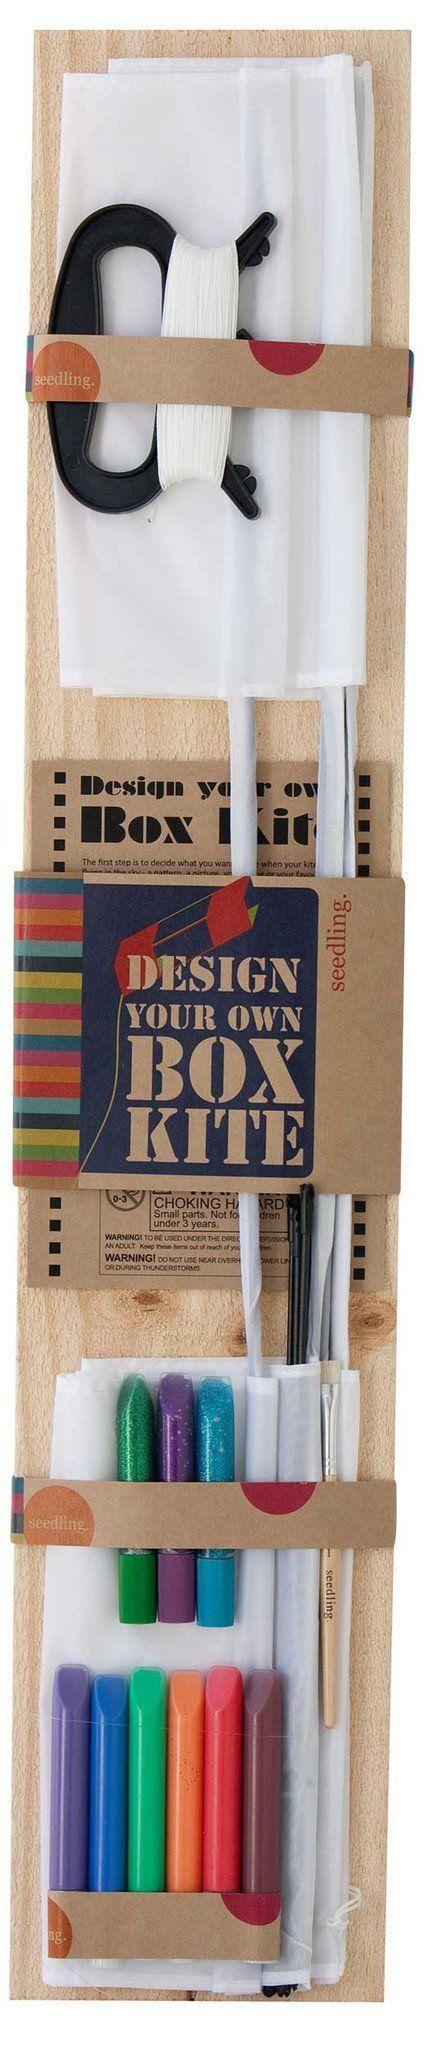 Seedling New Zealand - Seedling Design Your Own Box Kite